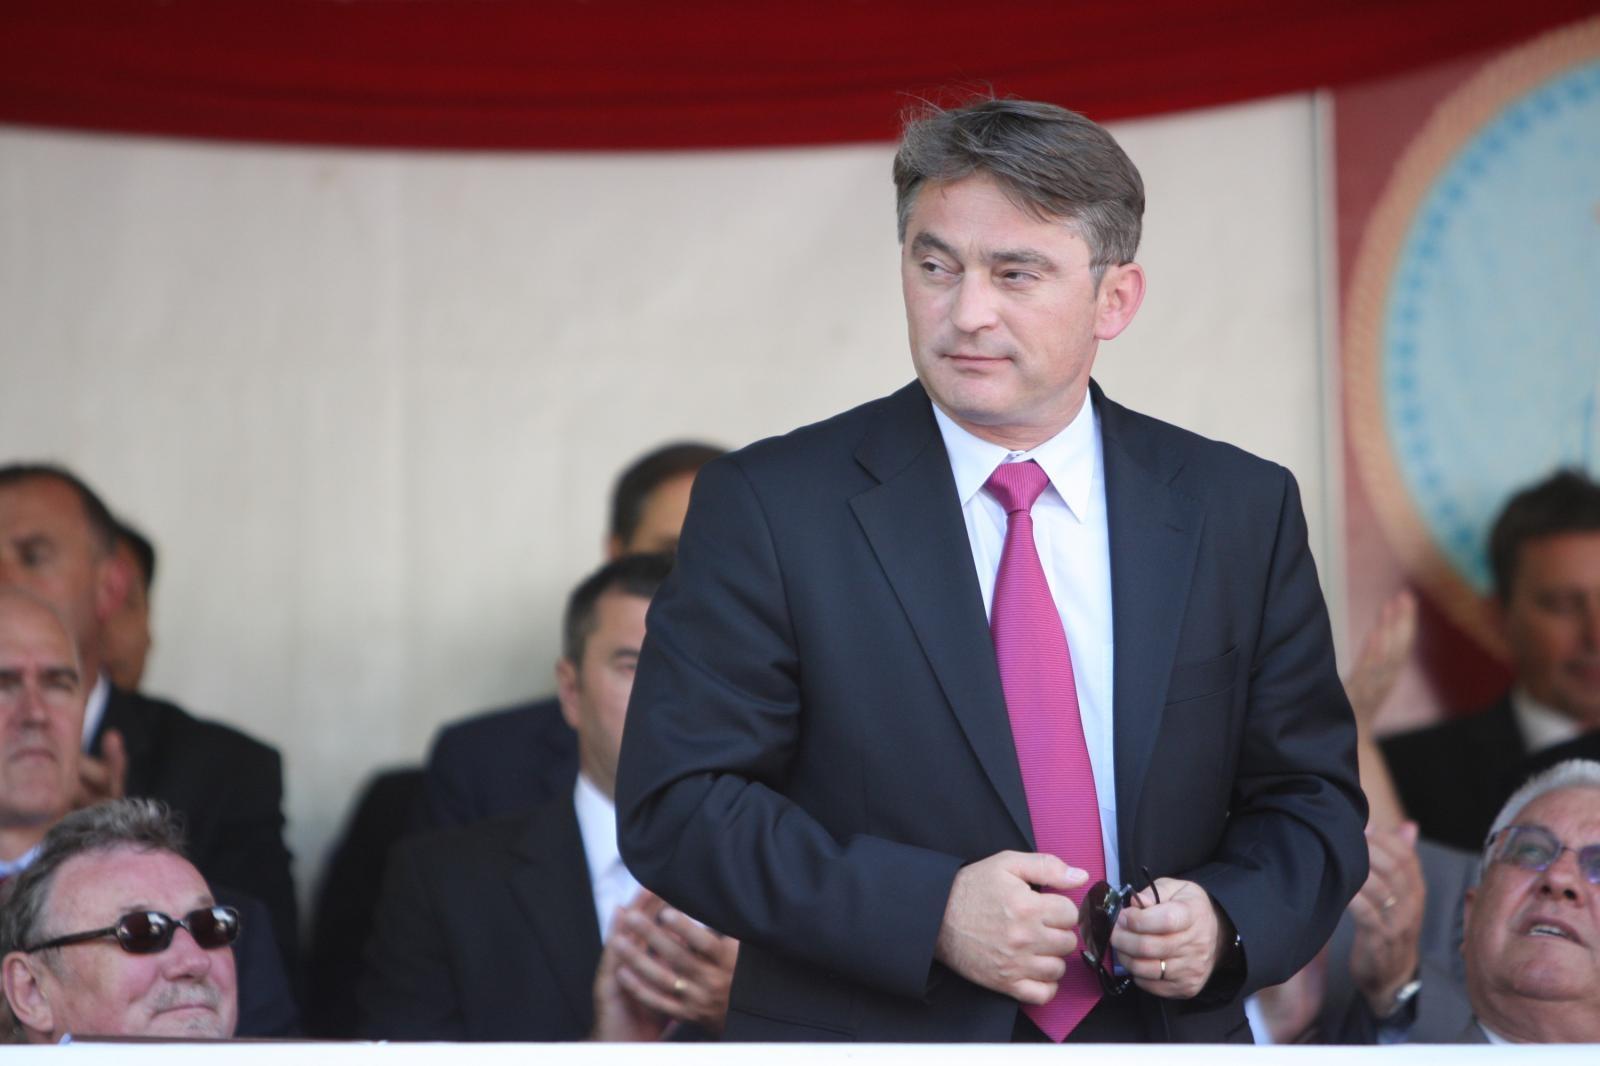 Komšić u ured vratio Titov portret i izbacio zastavu Herceg-Bosne